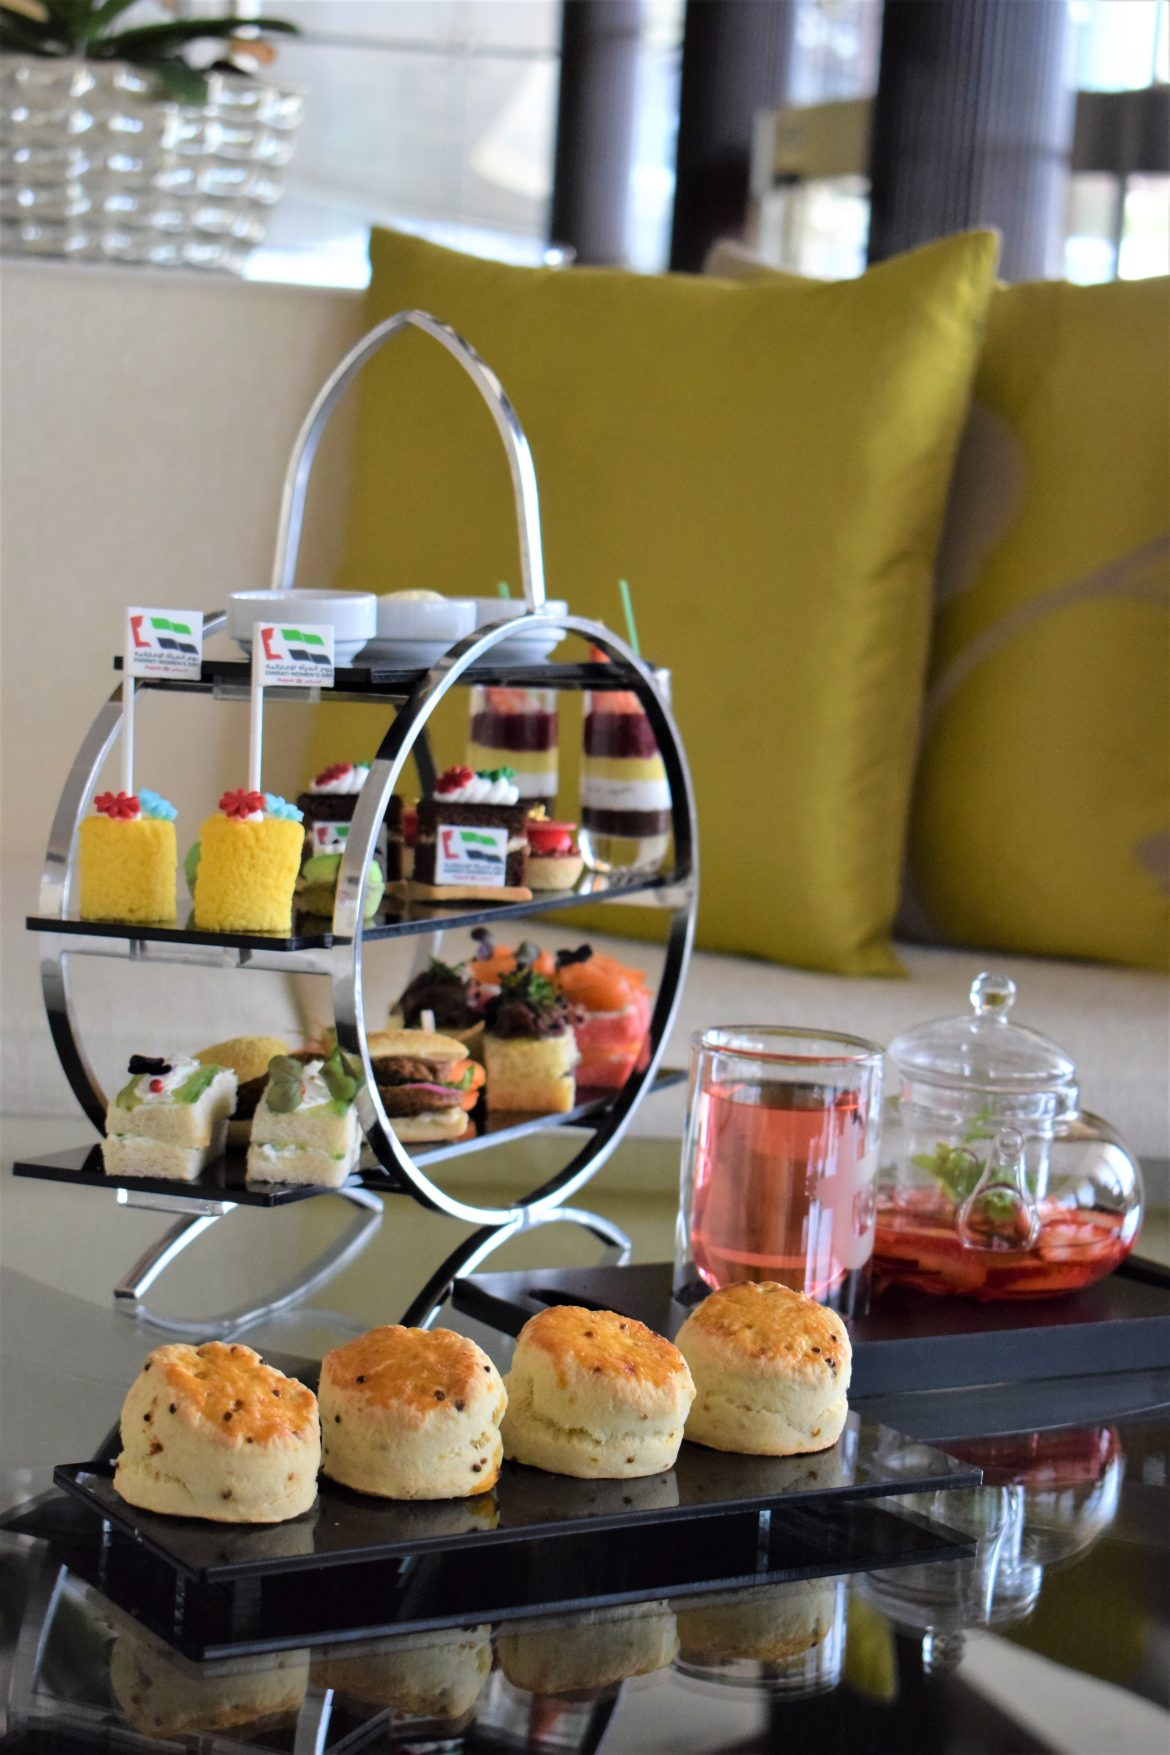 فندق ماريوت الفرسان يعلن عن عروضه بمناسبة يوم المرأة الإماراتية